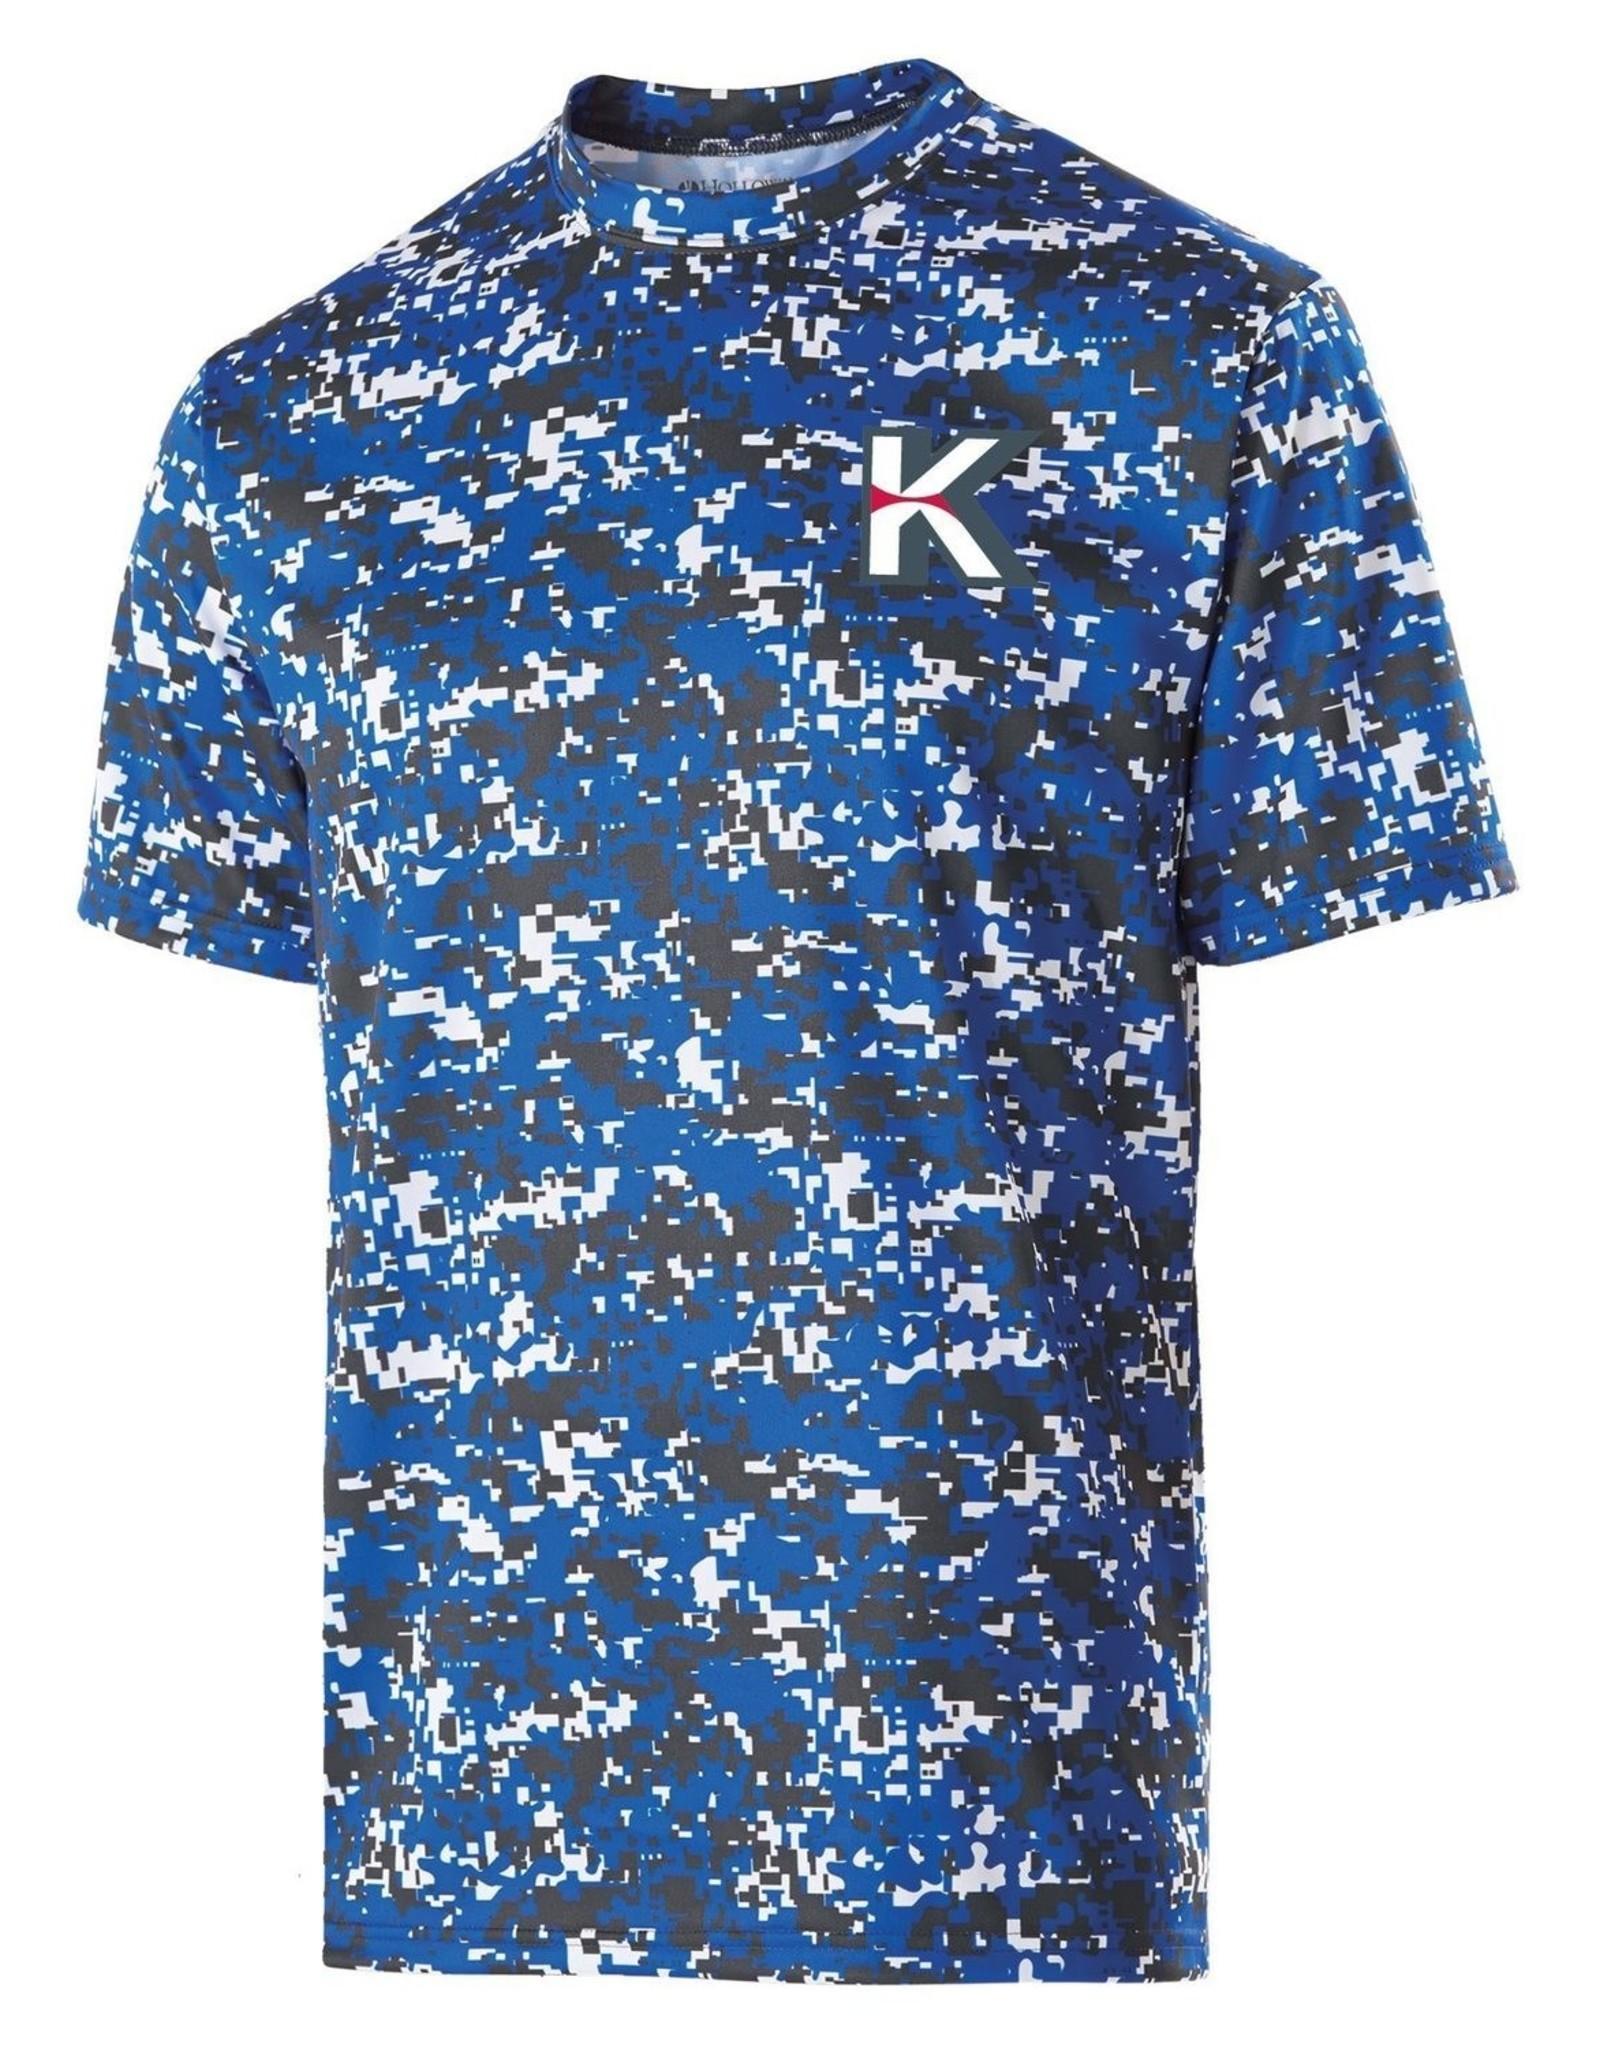 Holloway Digi Camo PE Shirt